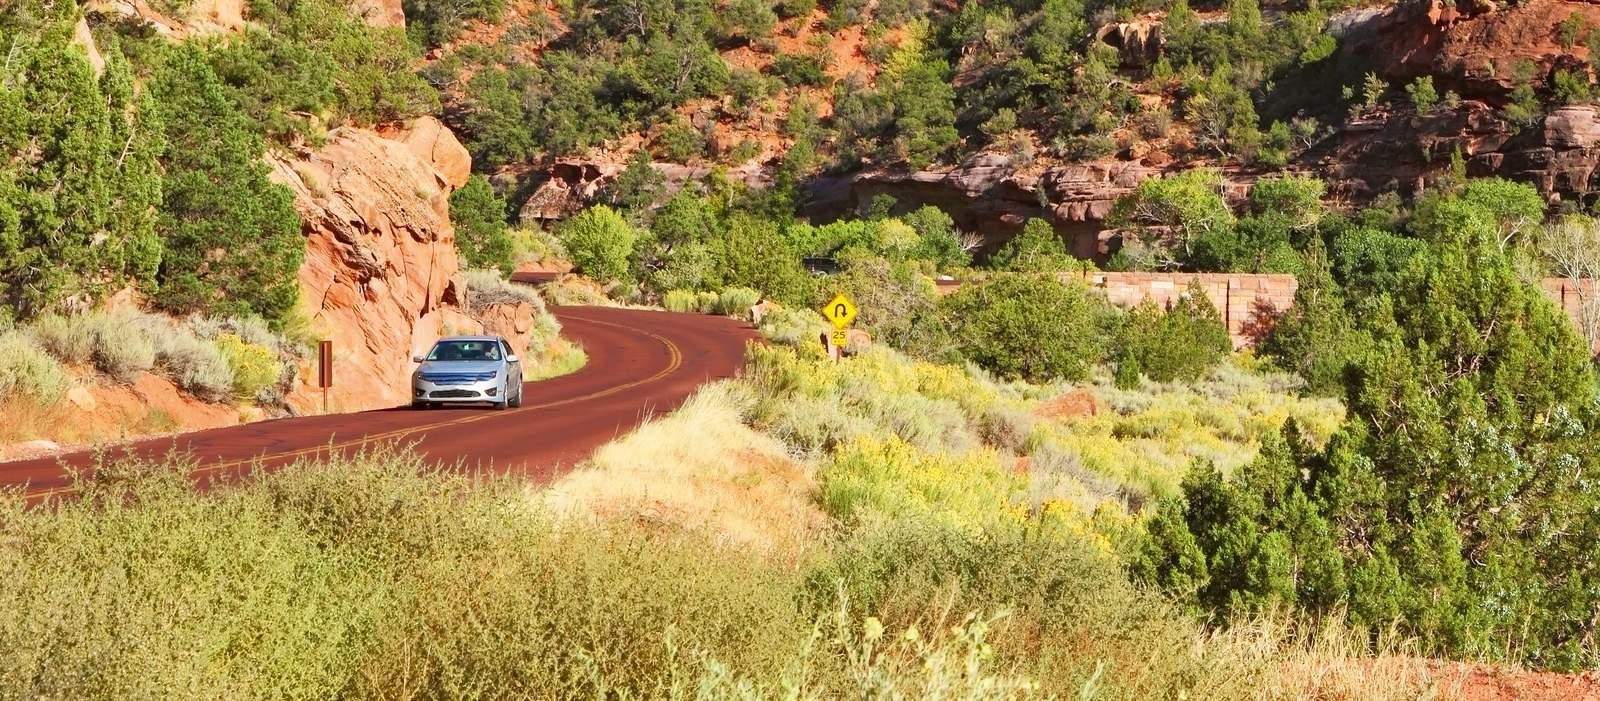 Autofahrt zum Zion National Park